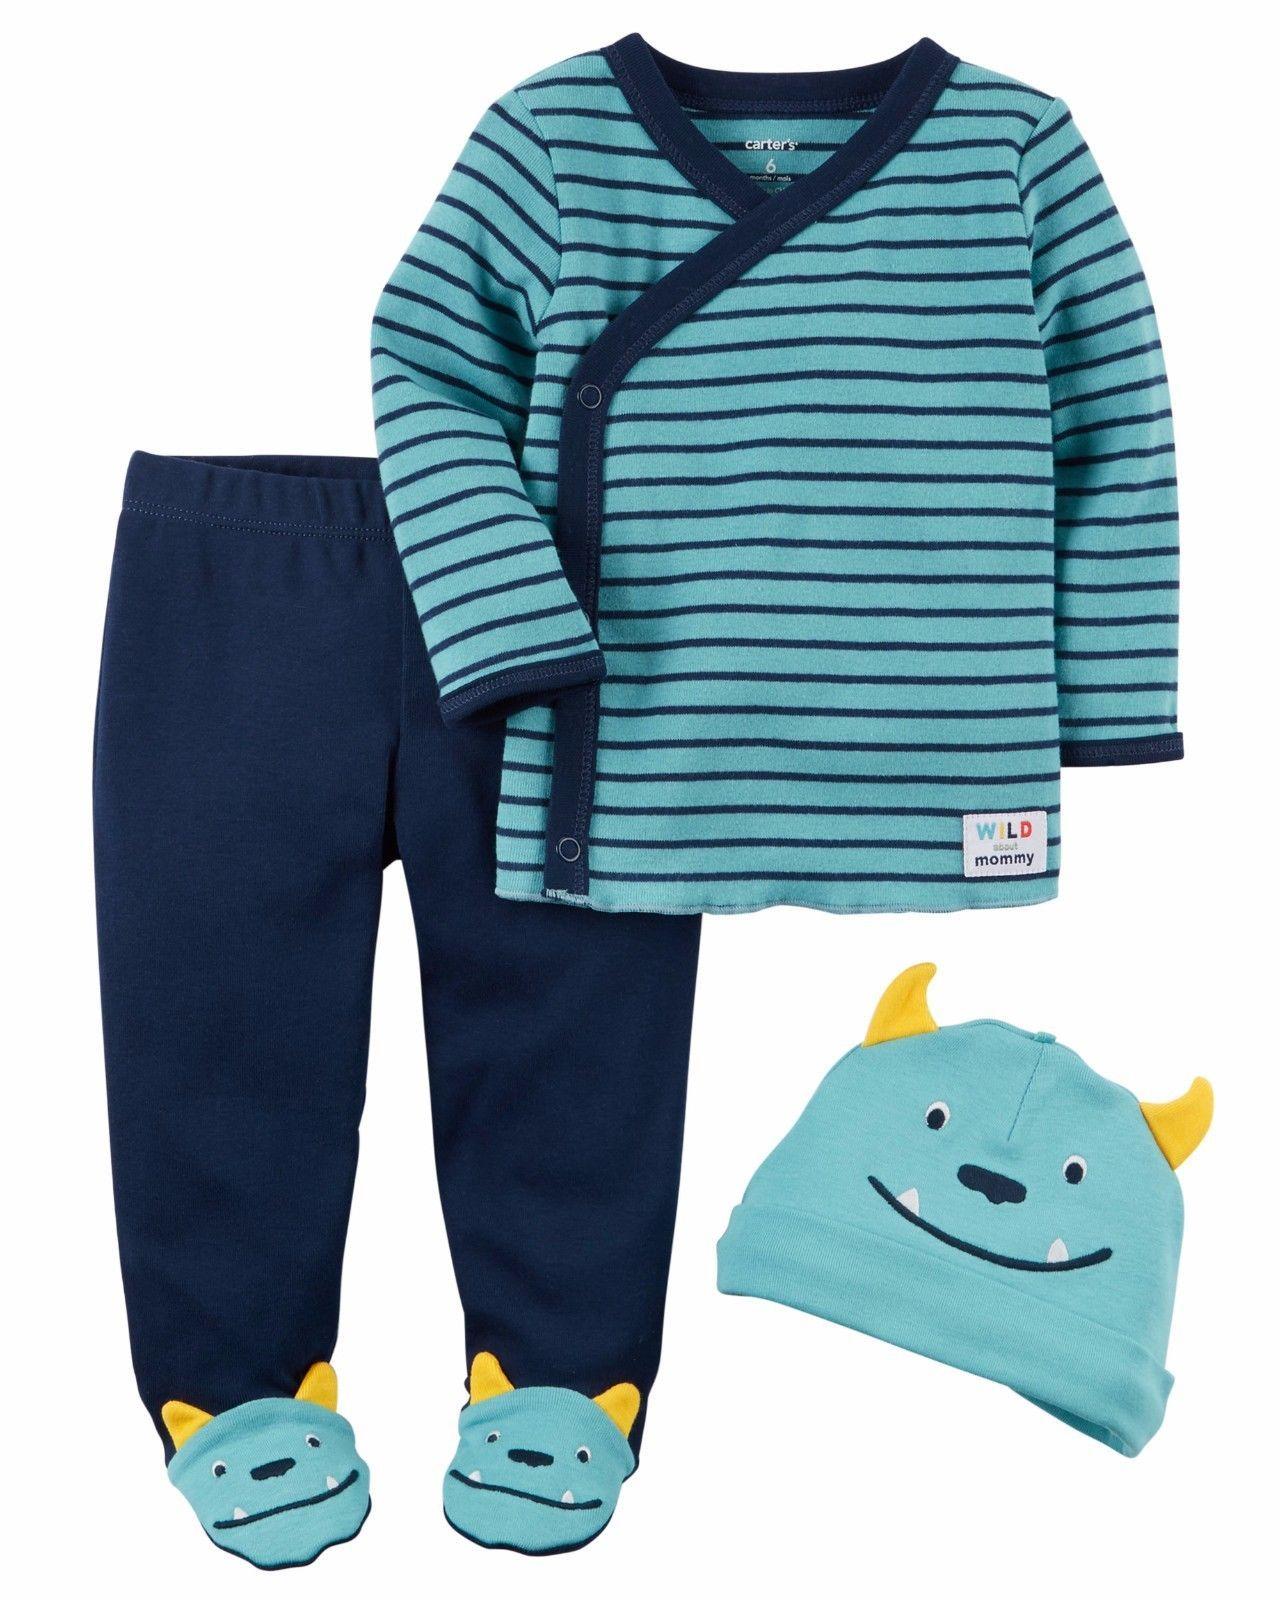 NEW Carter's Boys 3 Piece Layette Set Newborn 3 6 9 Months Monster Cap Pants Top